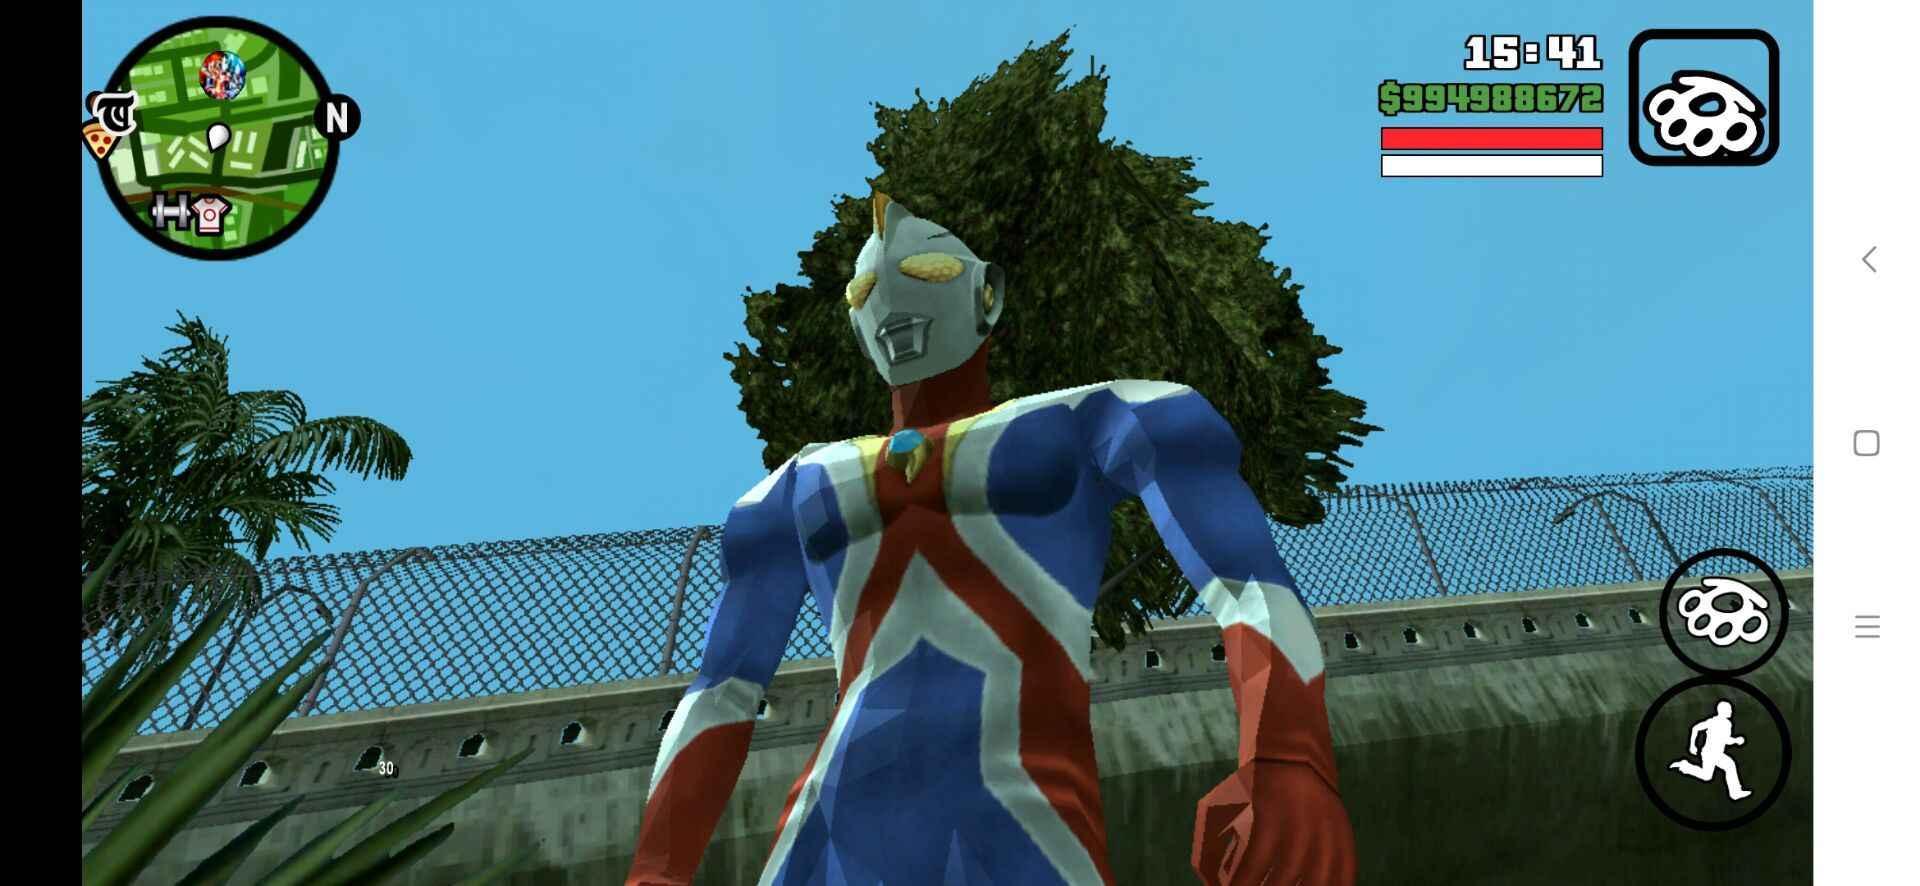 gtasa钢铁侠mod安卓版截图3